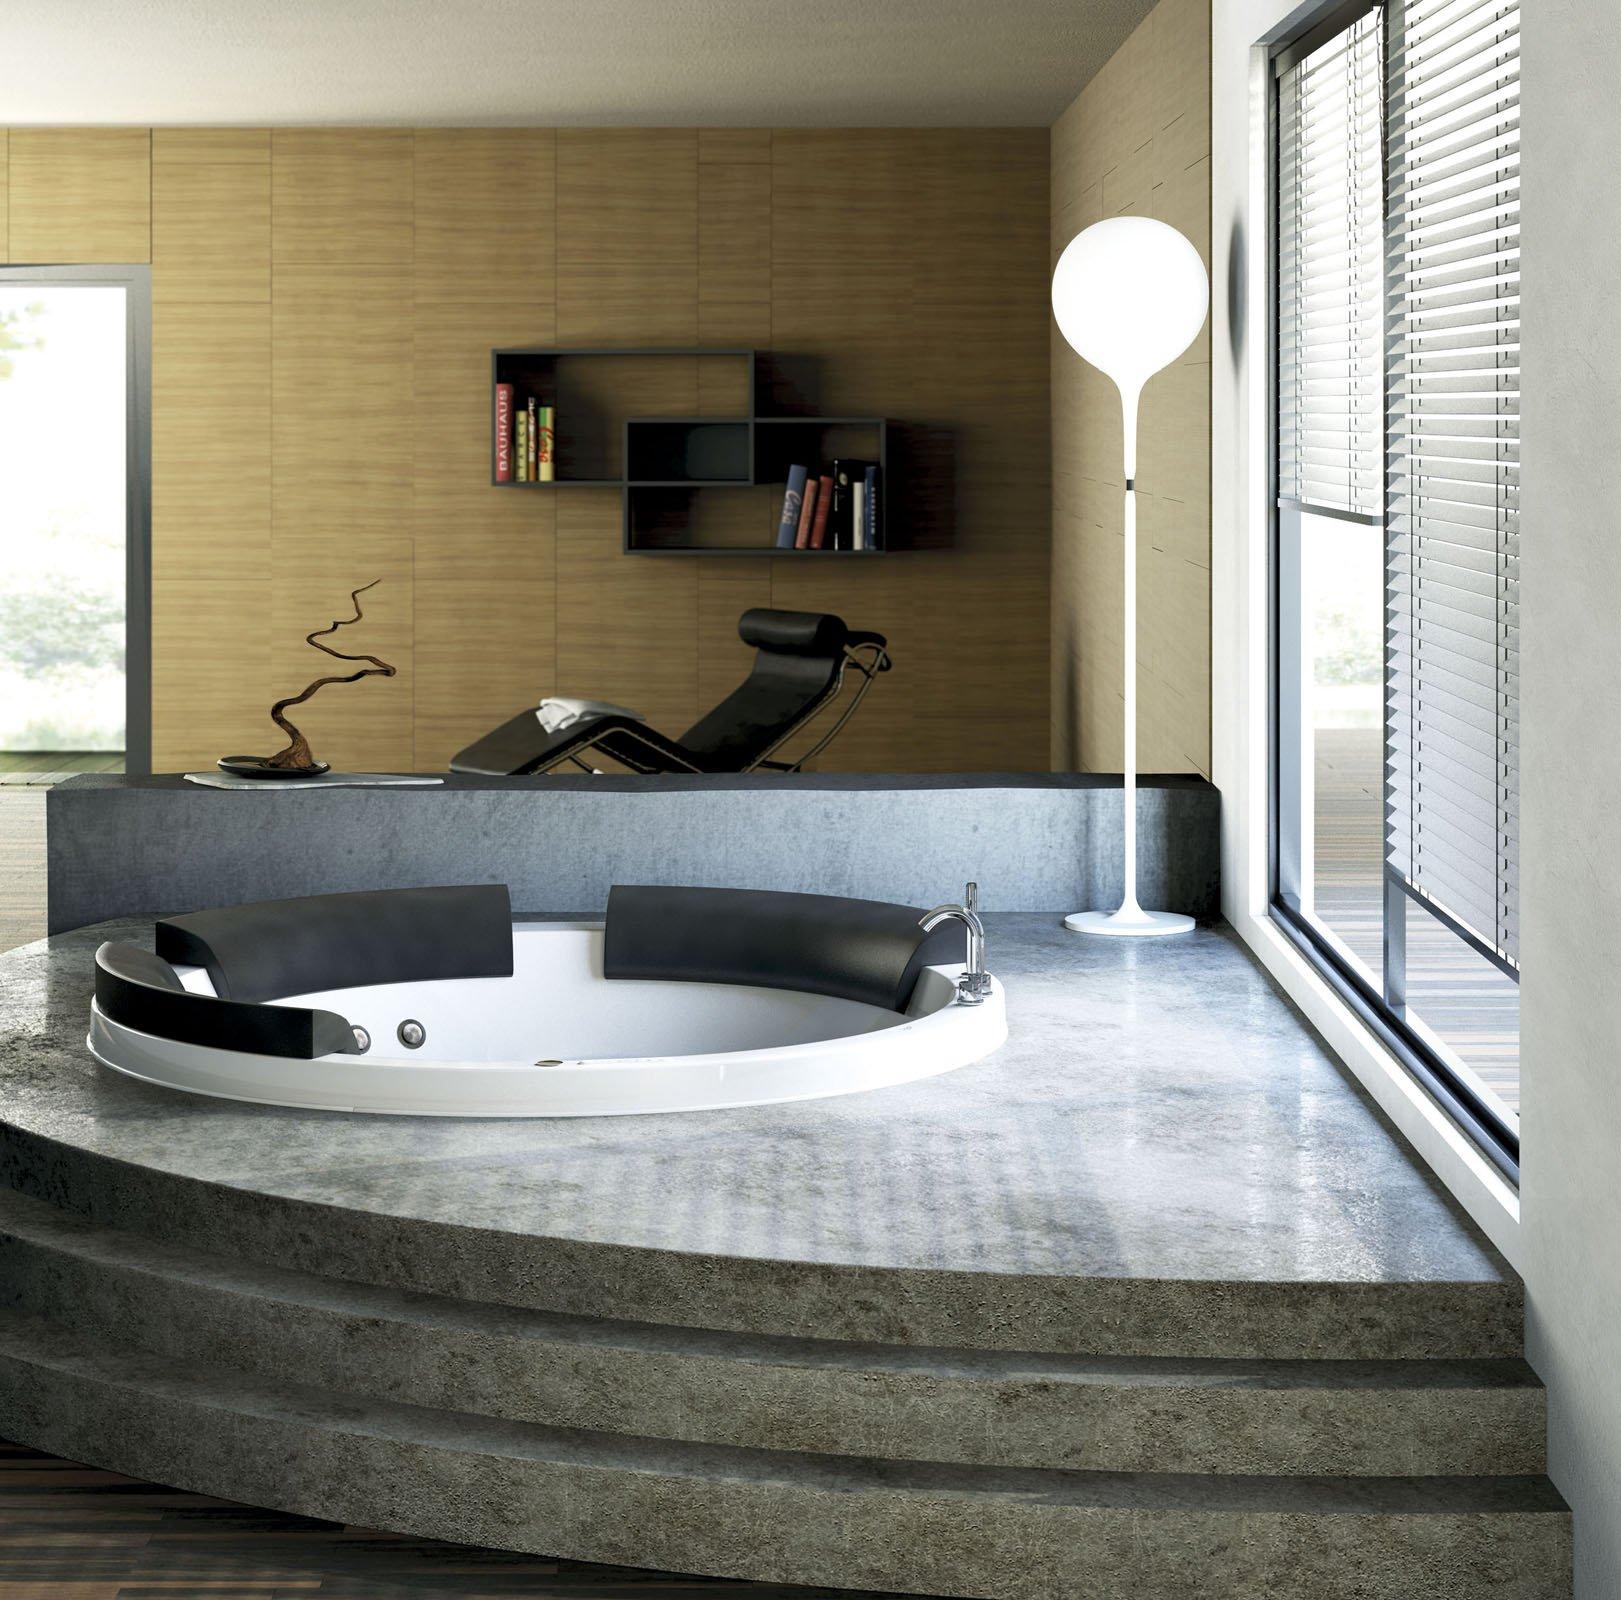 Le vasche idromassaggio cose di casa - Vasche da bagno ideal standard prezzi ...